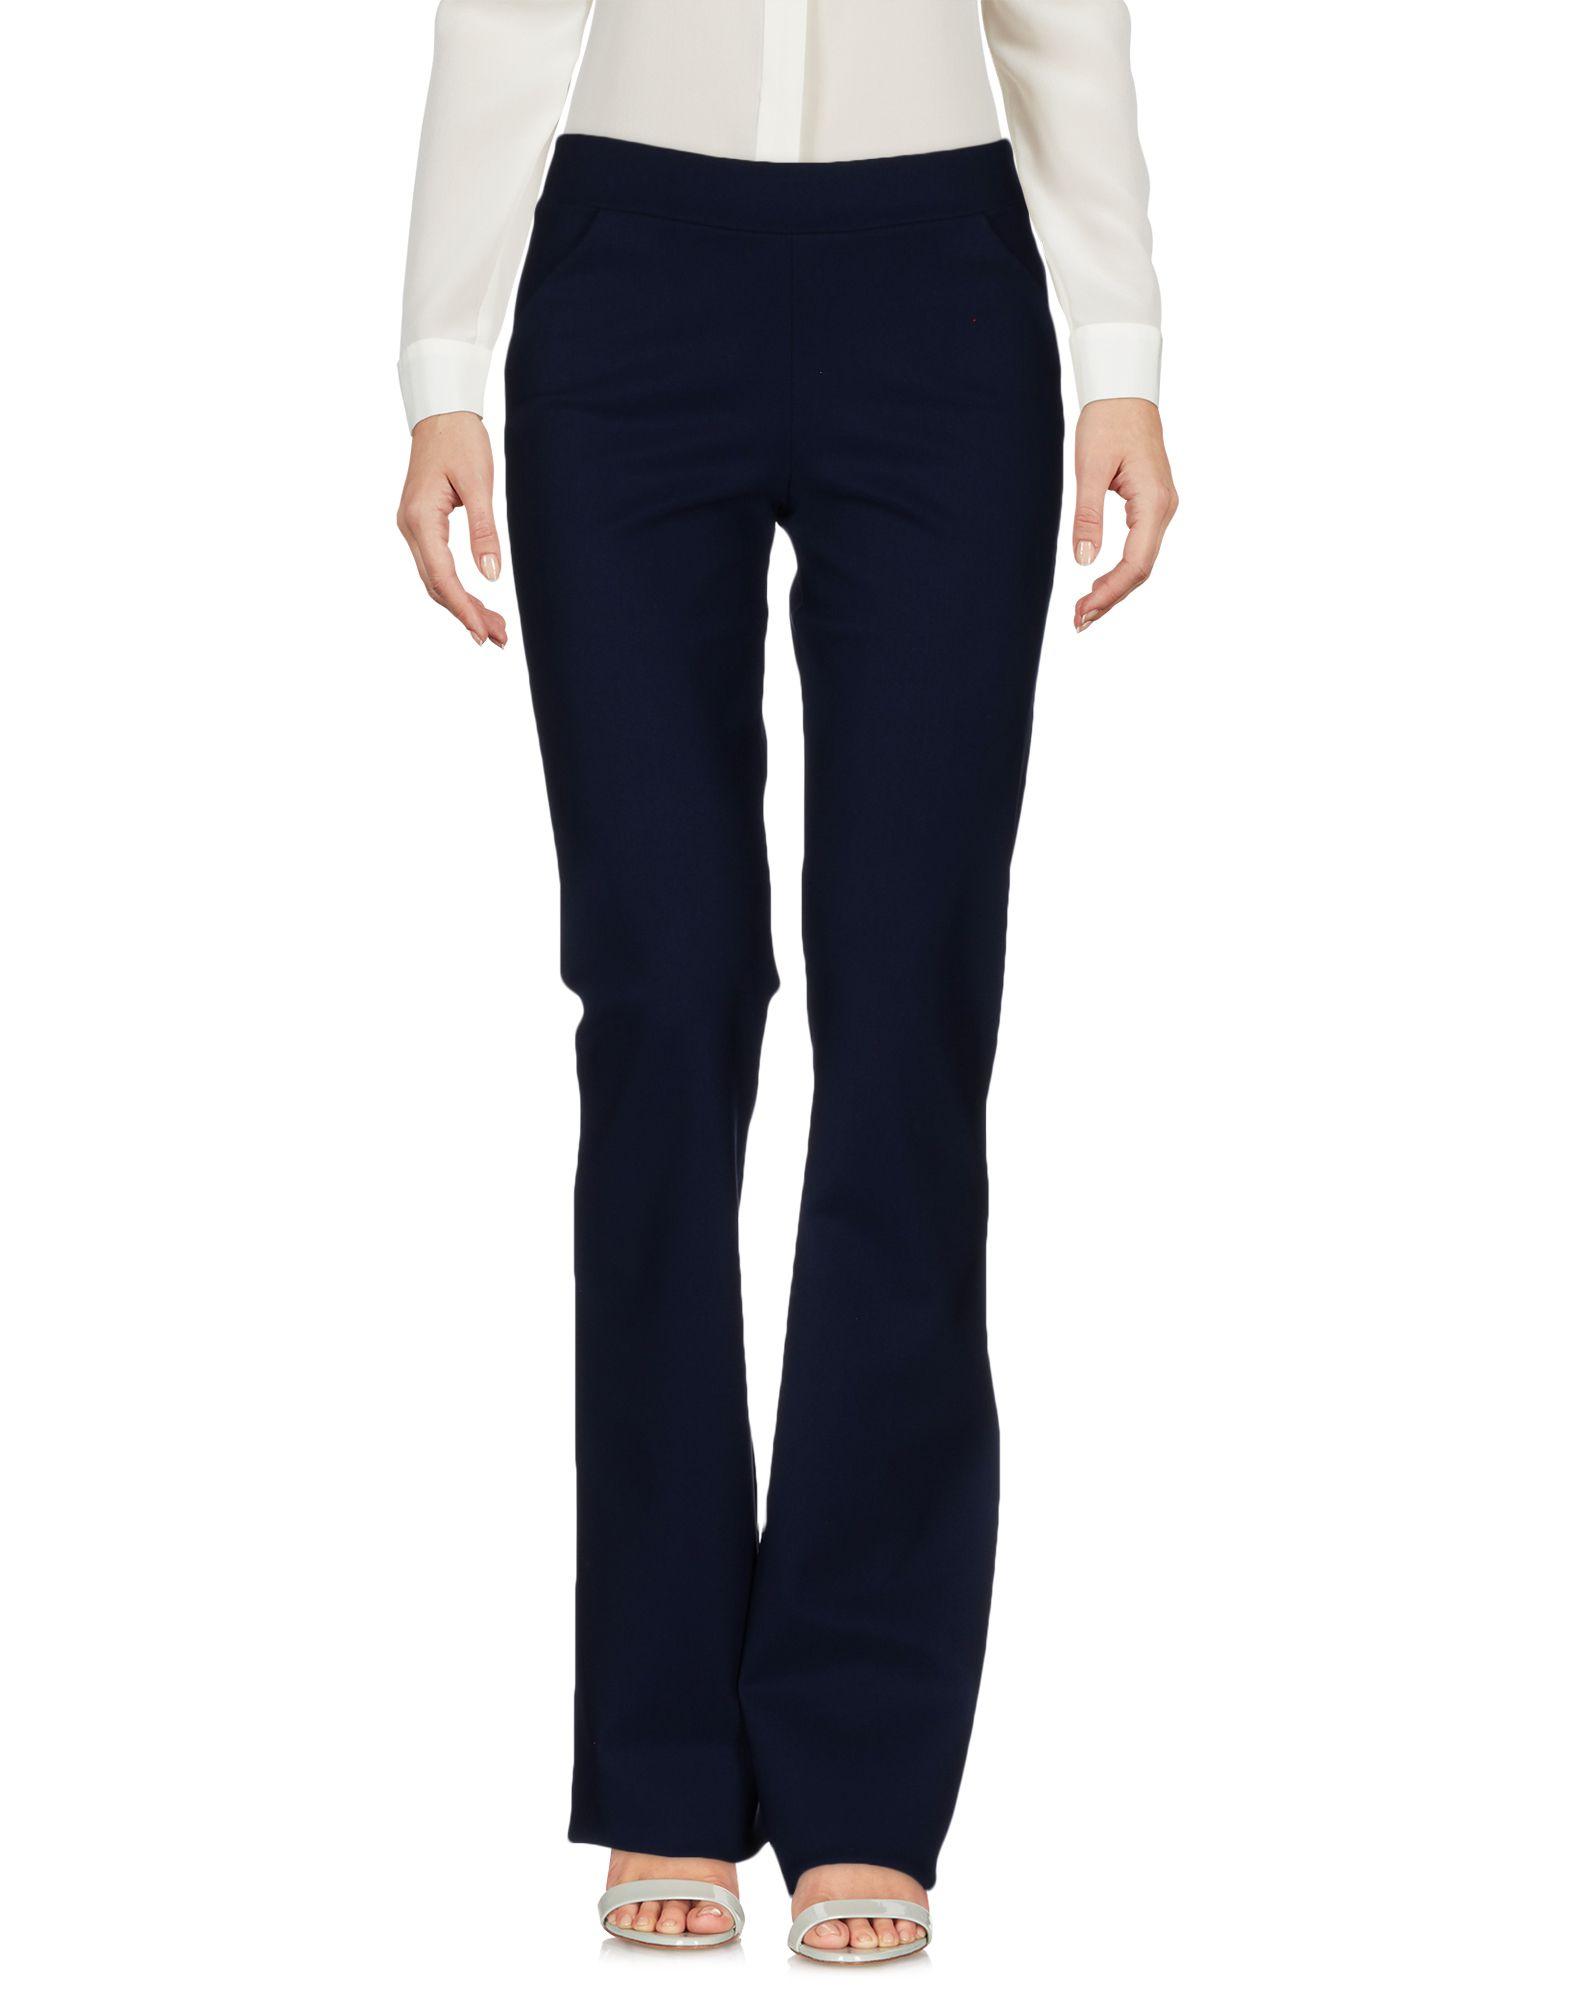 CHIARA BONI LA PETITE ROBE Повседневные брюки chiara boni la petite robe повседневные брюки